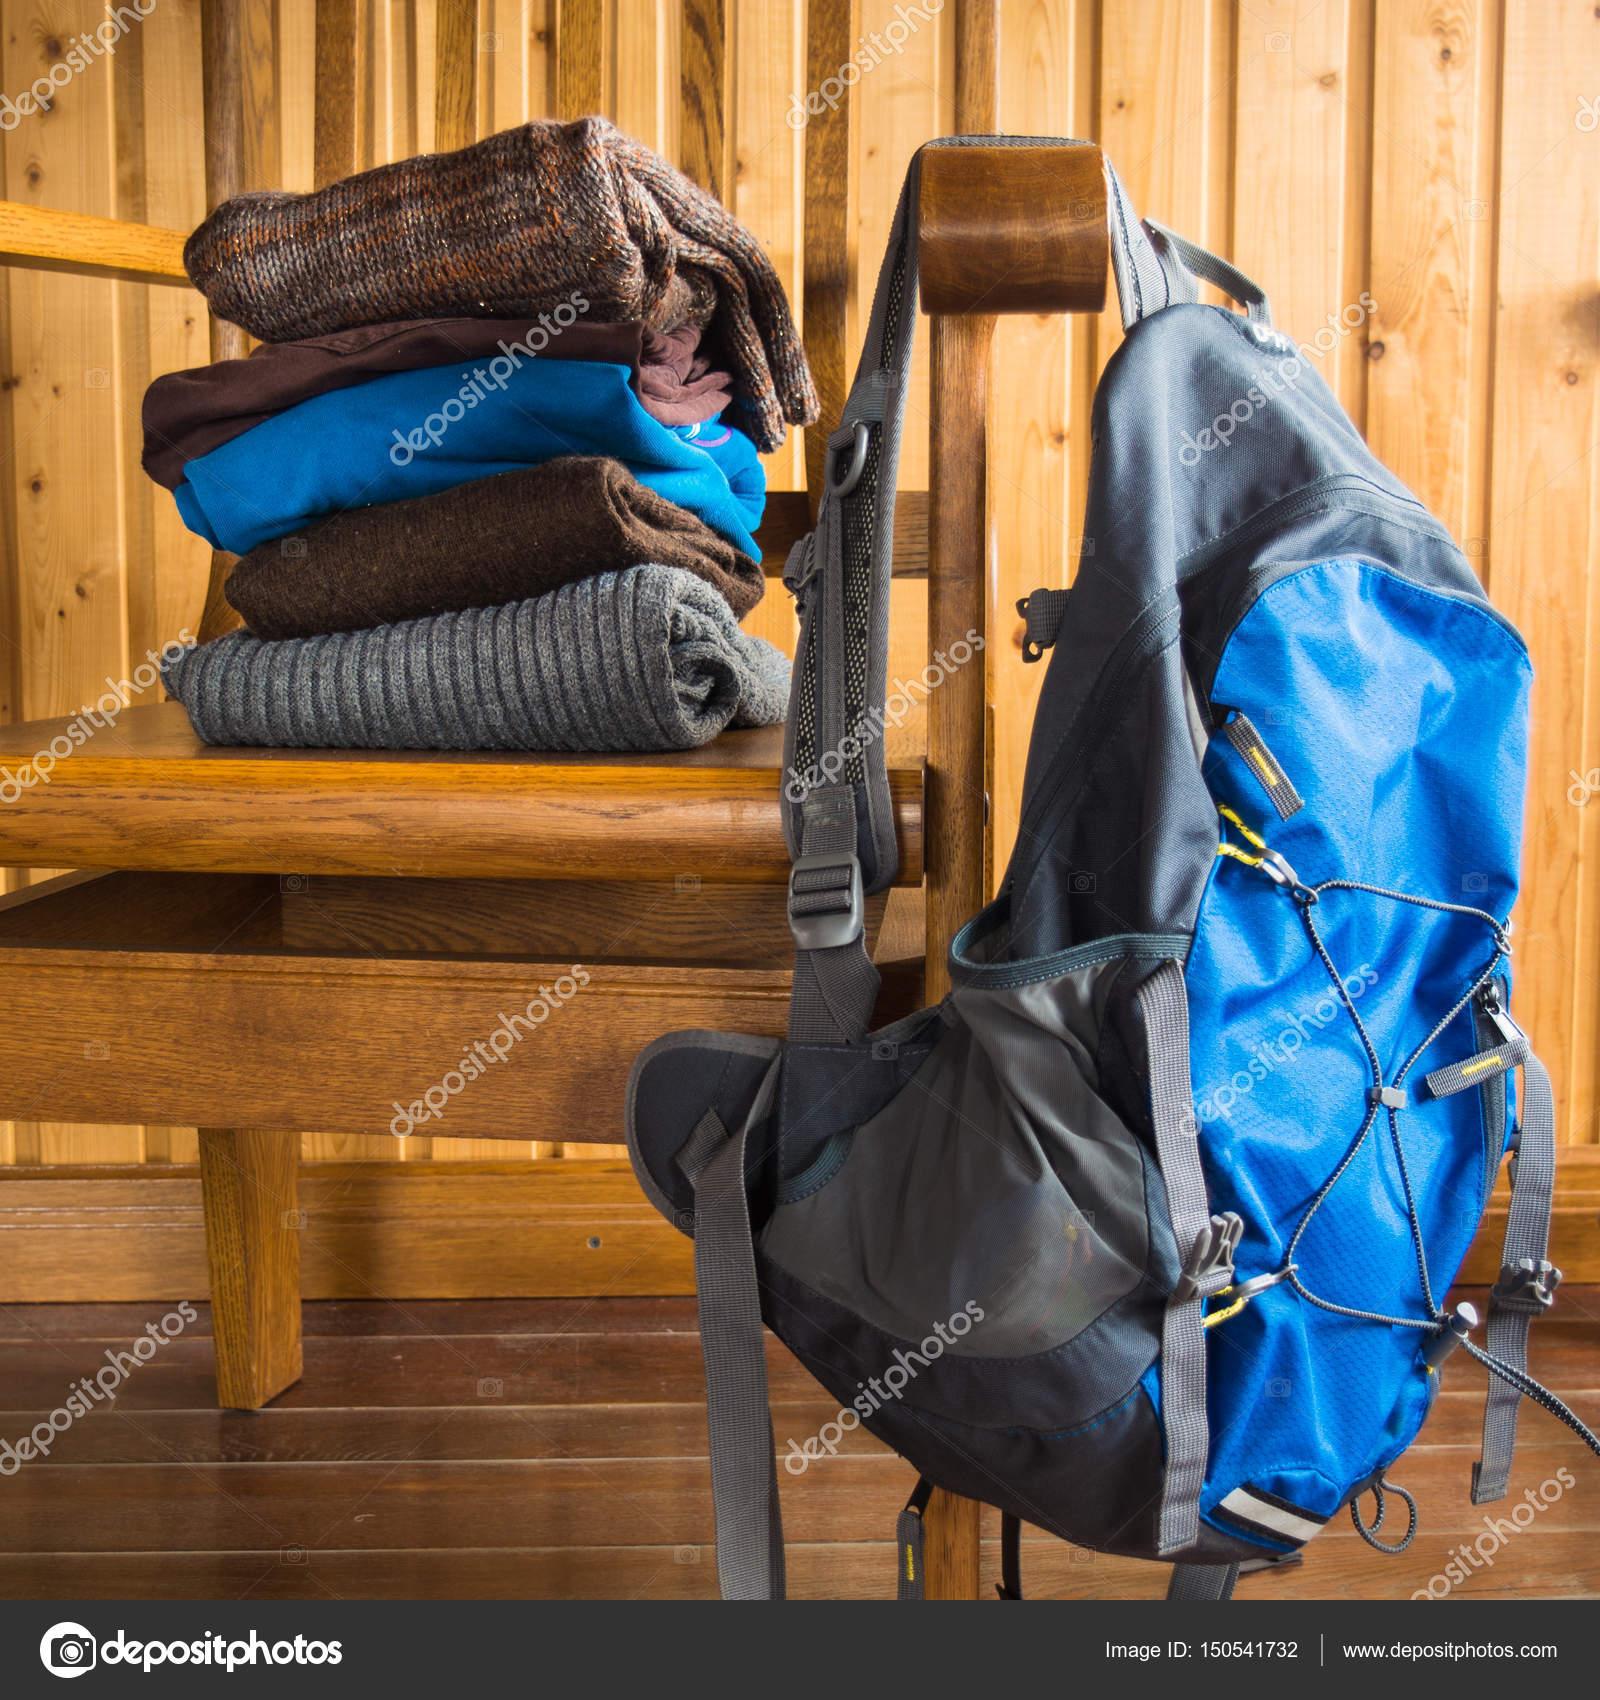 diseño innovador Últimas tendencias comprar lo mejor Ropa de abrigo lista para viajar con mochila — Foto de stock ...